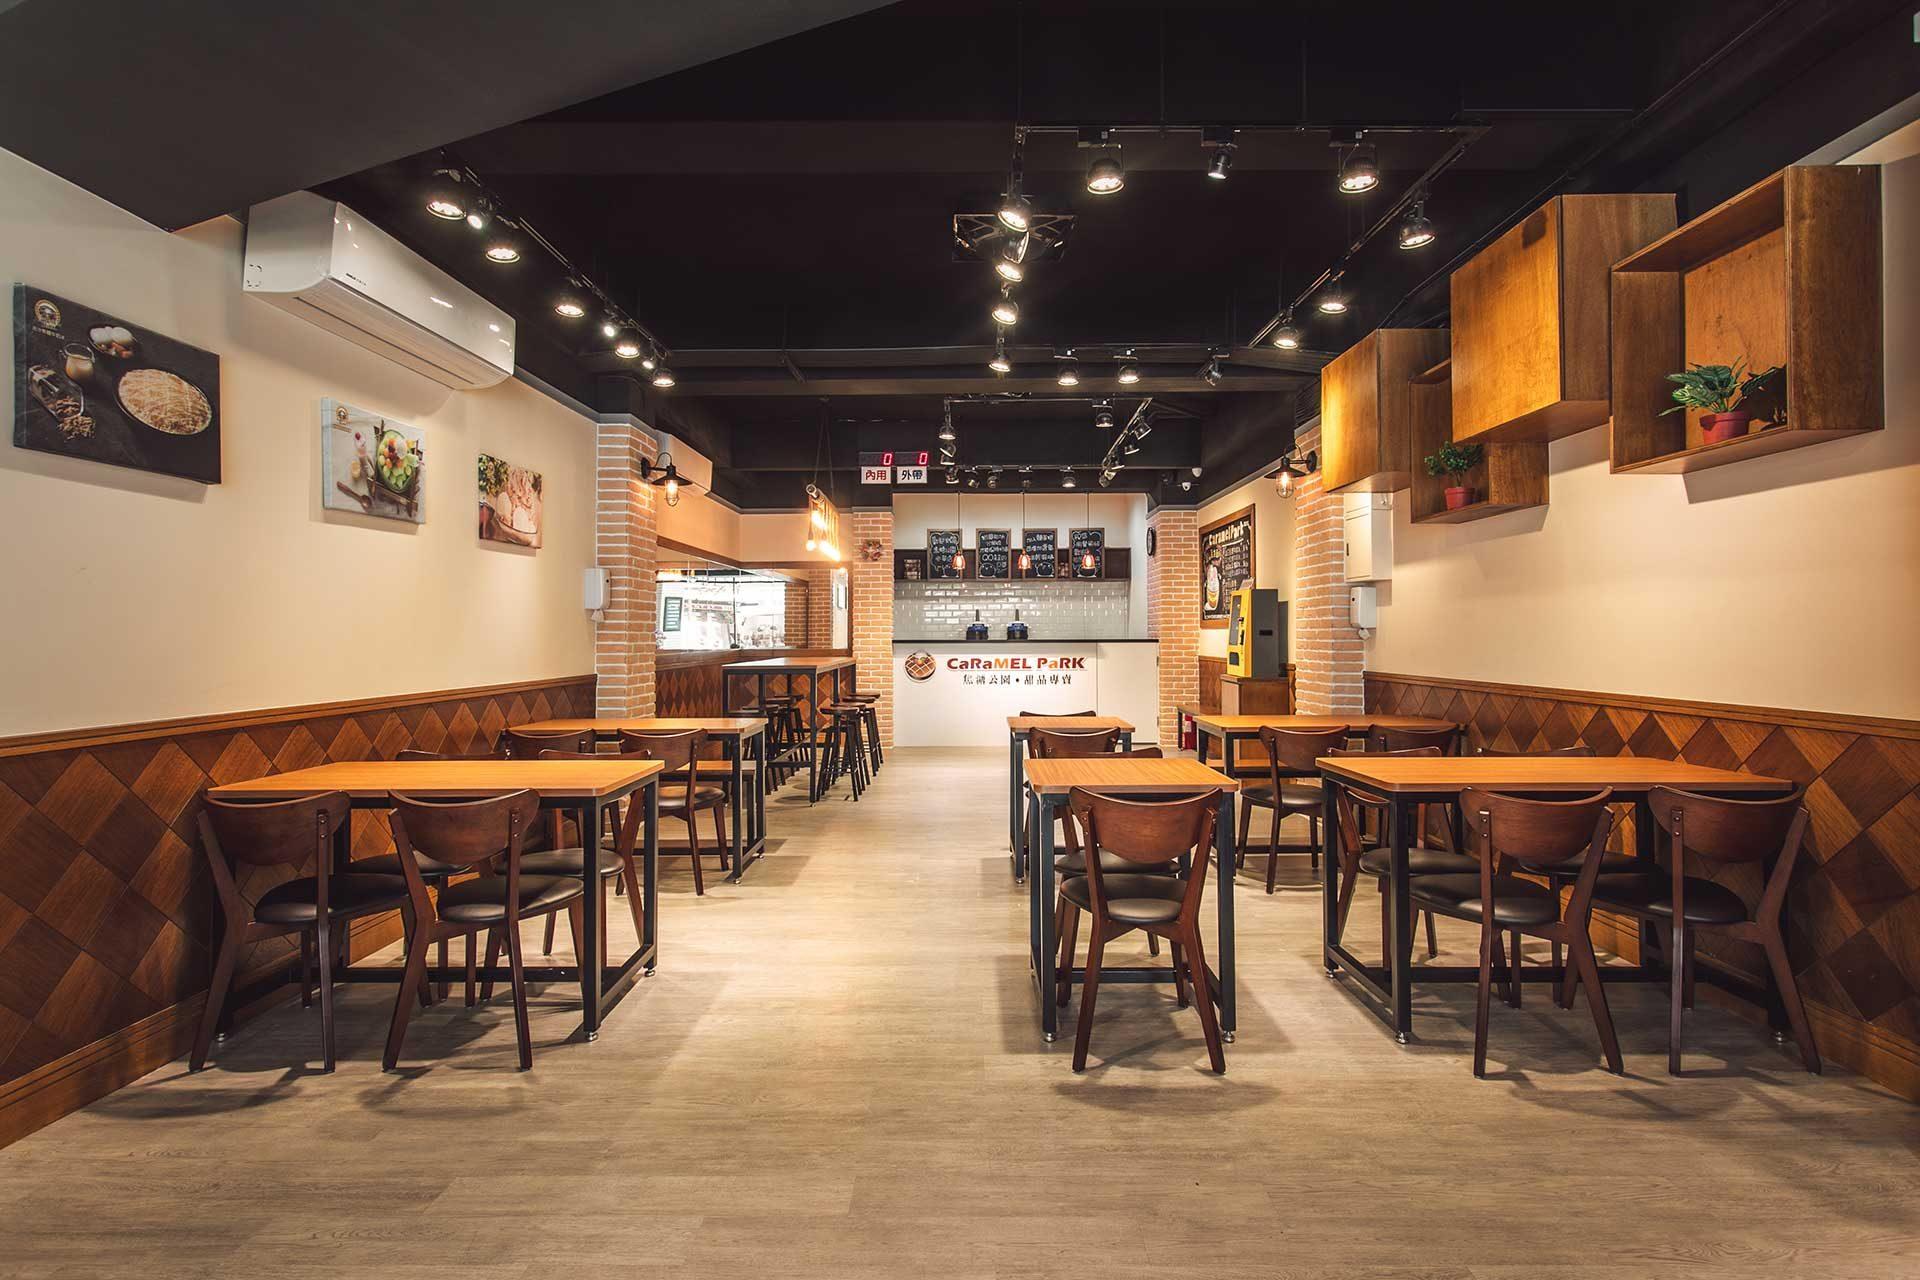 焦糖公園蘆洲光華店內寬敞舒適又乾淨的用餐空間,一掃傳統冰店擁擠黏膩的刻板印象